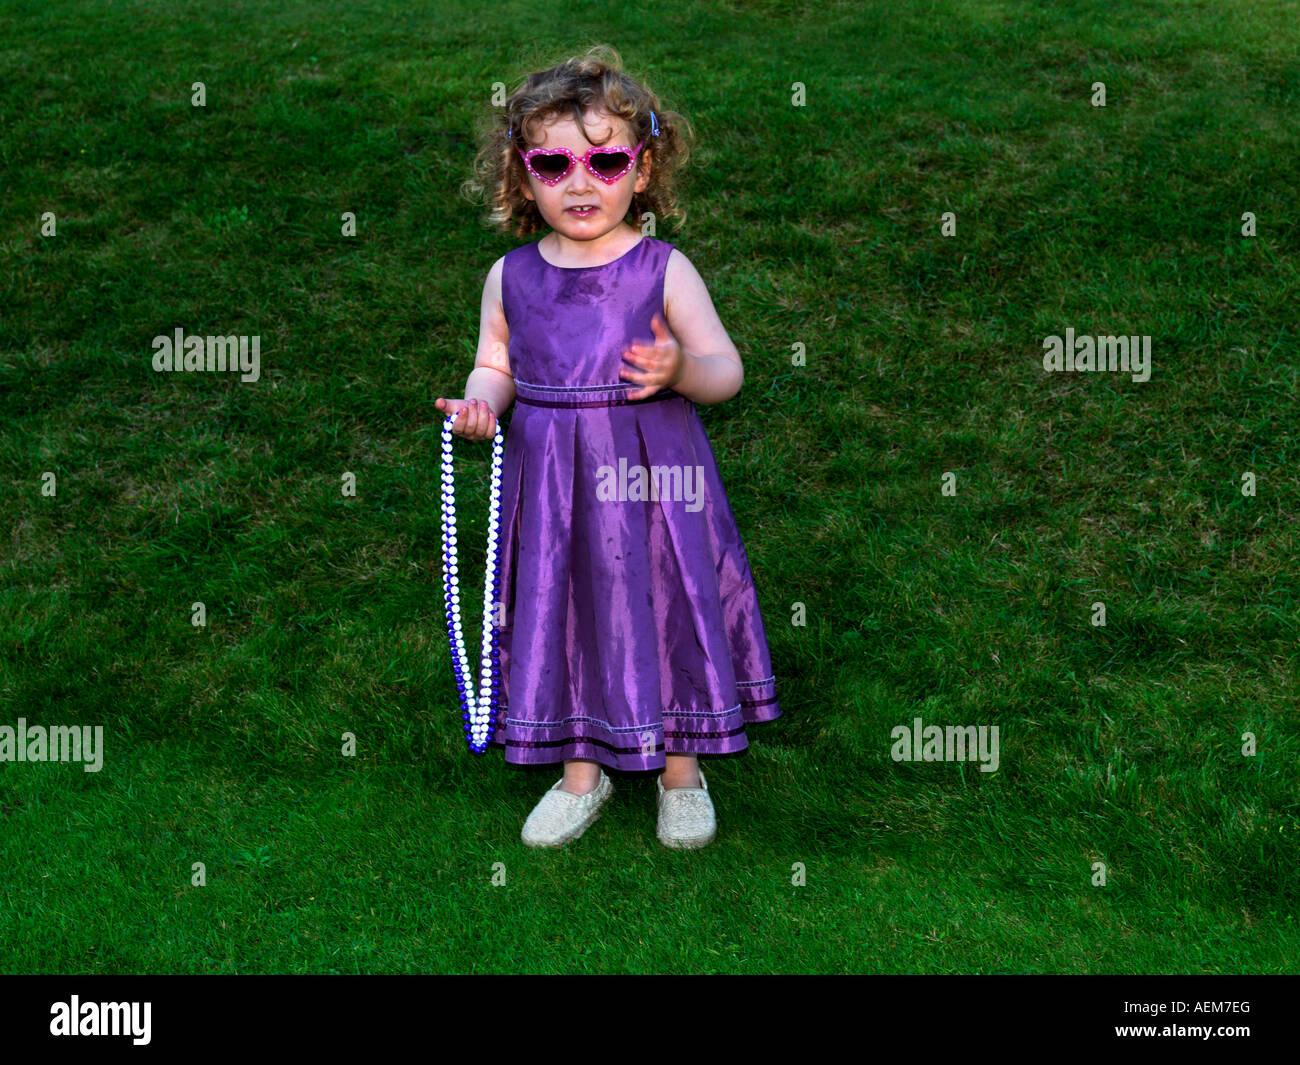 Magnífico Vestidos Para Una Boda En El Jardín Festooning - Ideas de ...